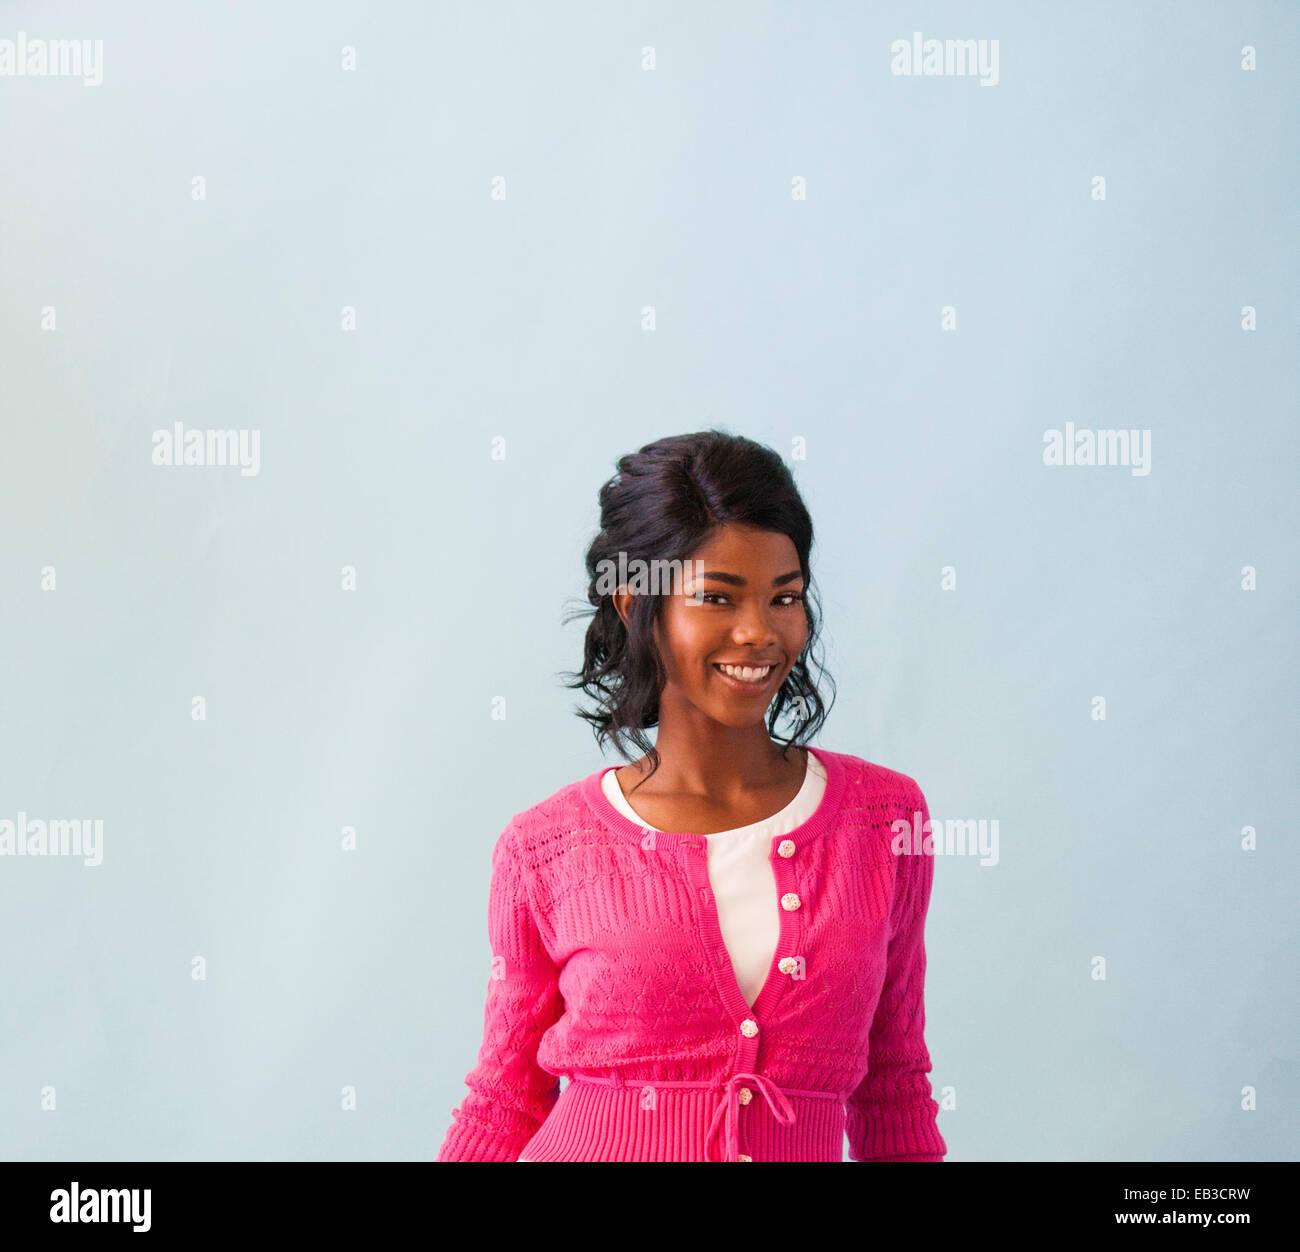 Studio-Porträt des Lächelns Mitte Erwachsene Frau trägt rosa Strickjacke Stockbild